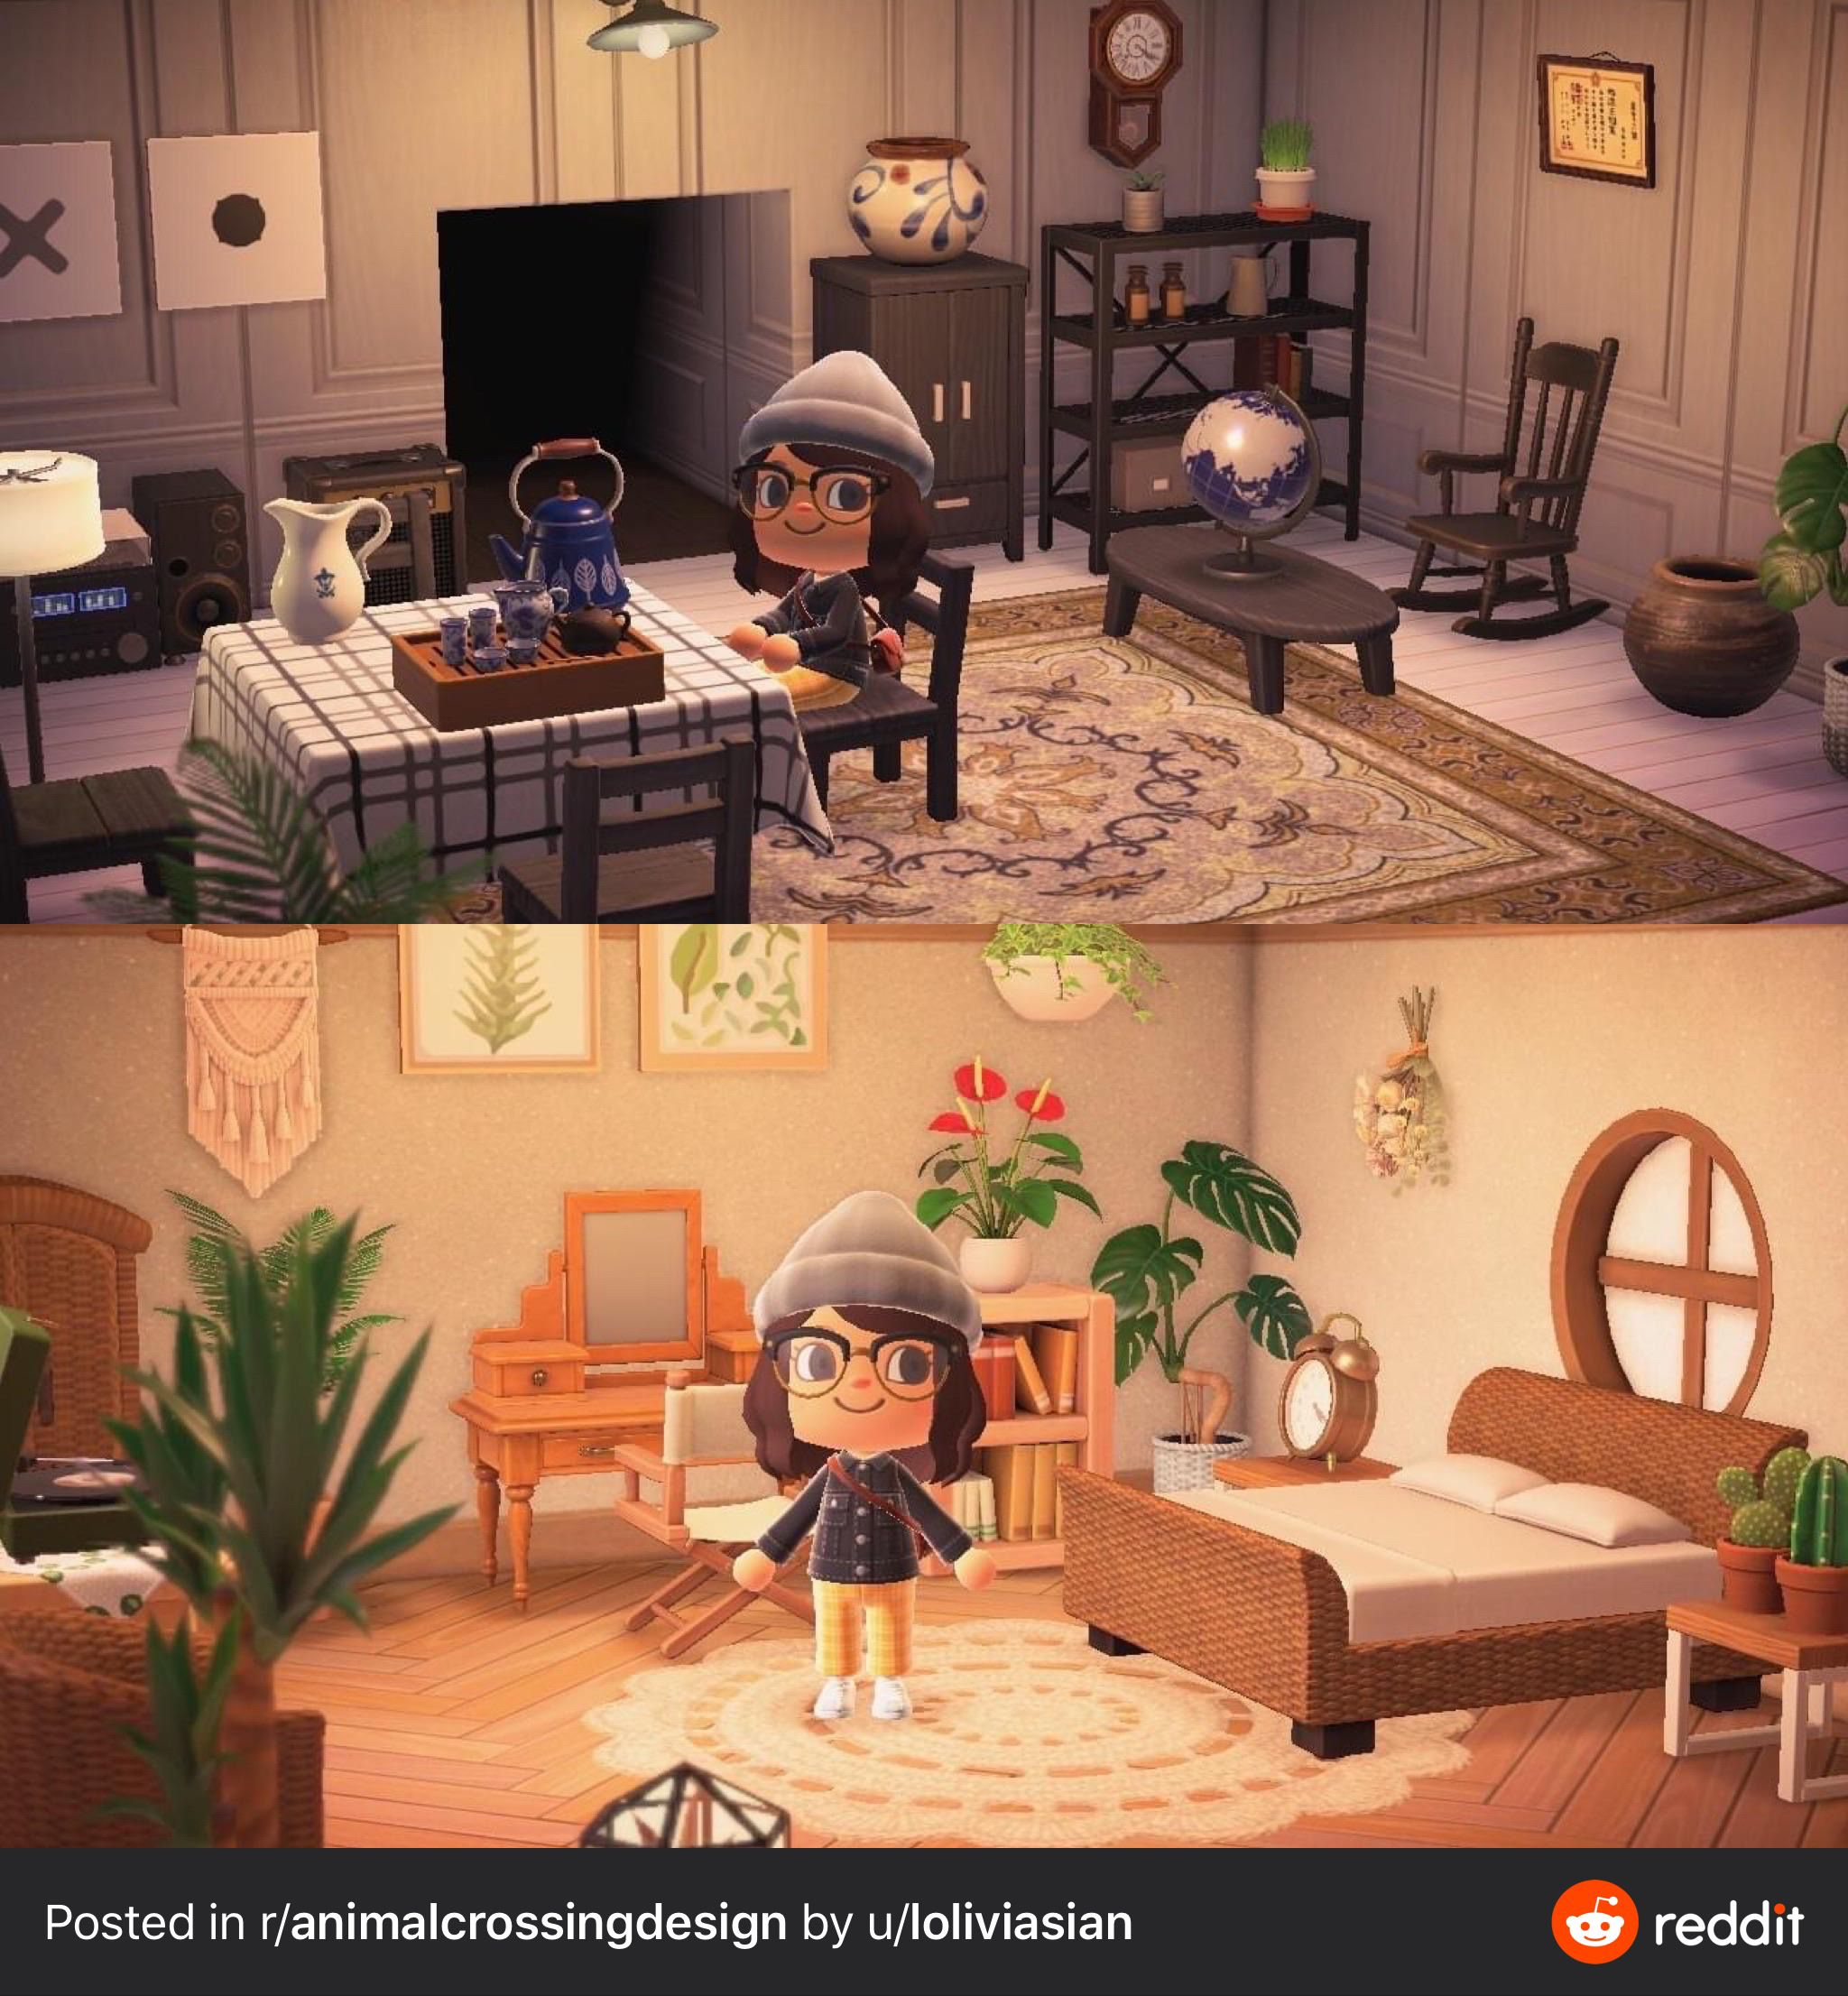 Living Room Bedroom in 2020 | Animal crossing villagers ... on Animal Crossing Living Room Ideas  id=38179